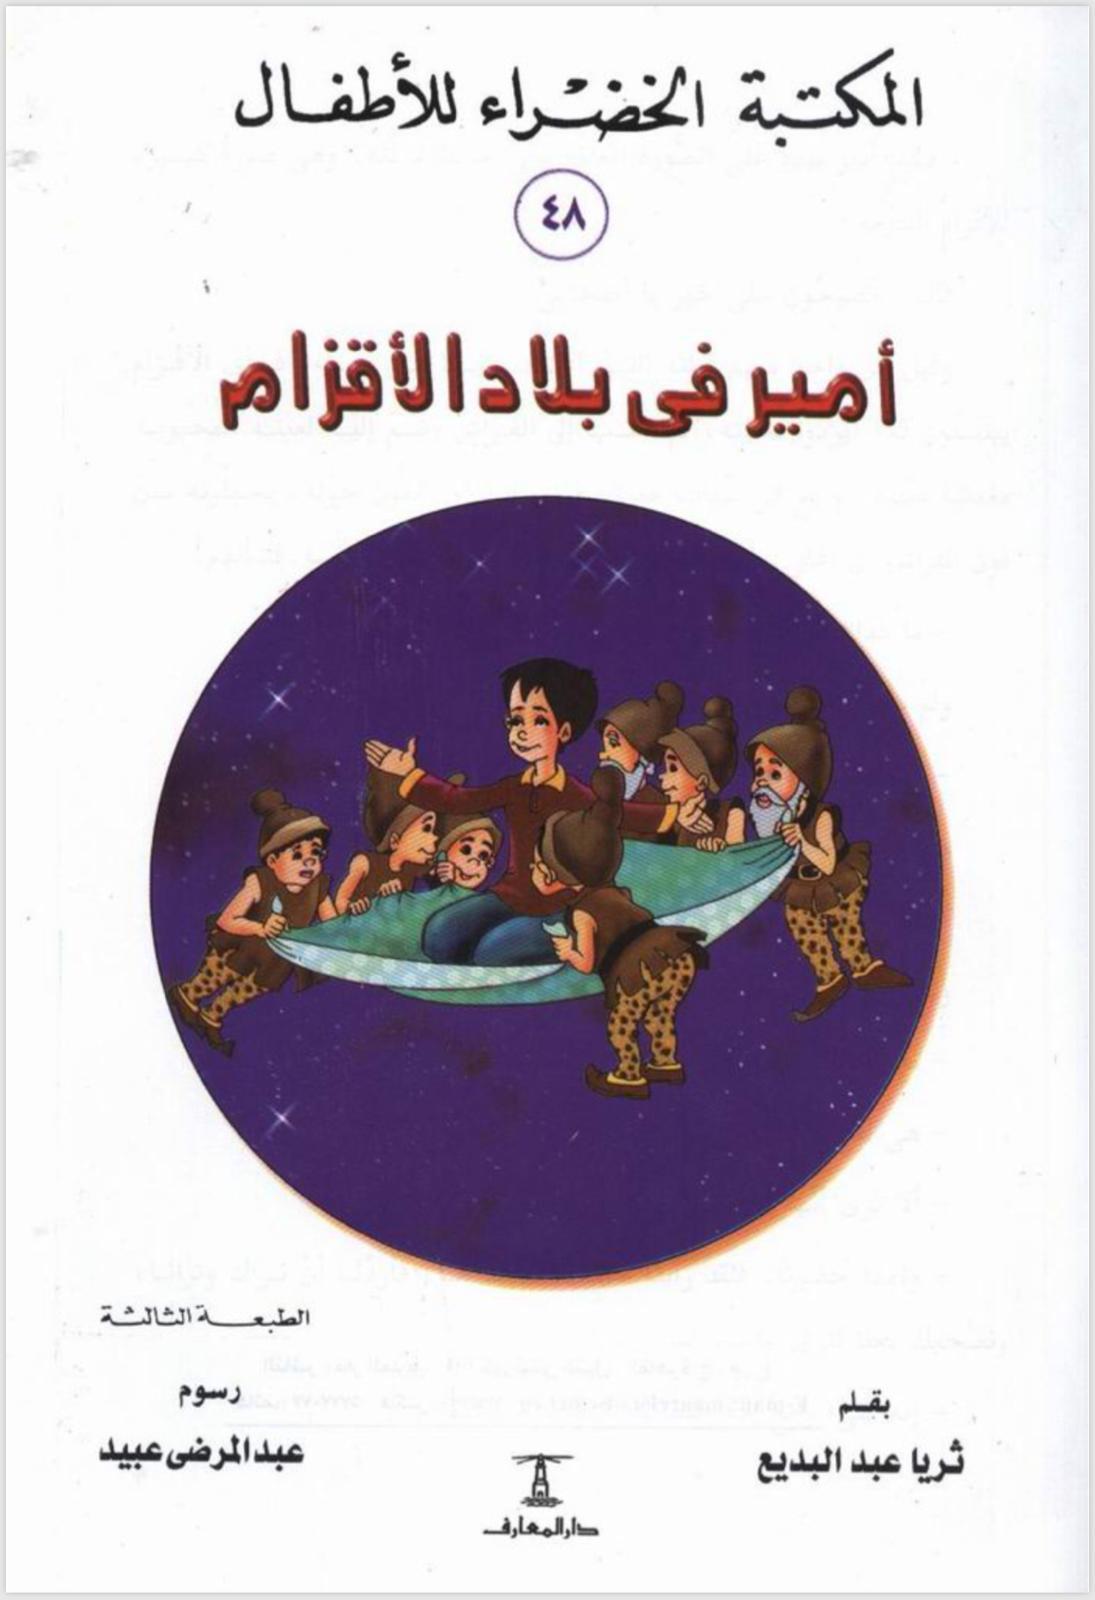 انعام رازم قصة شبيعة خيالية by anaam razem - Illustrated by قصة ألامير في بلاد الأقزام - Ourboox.com